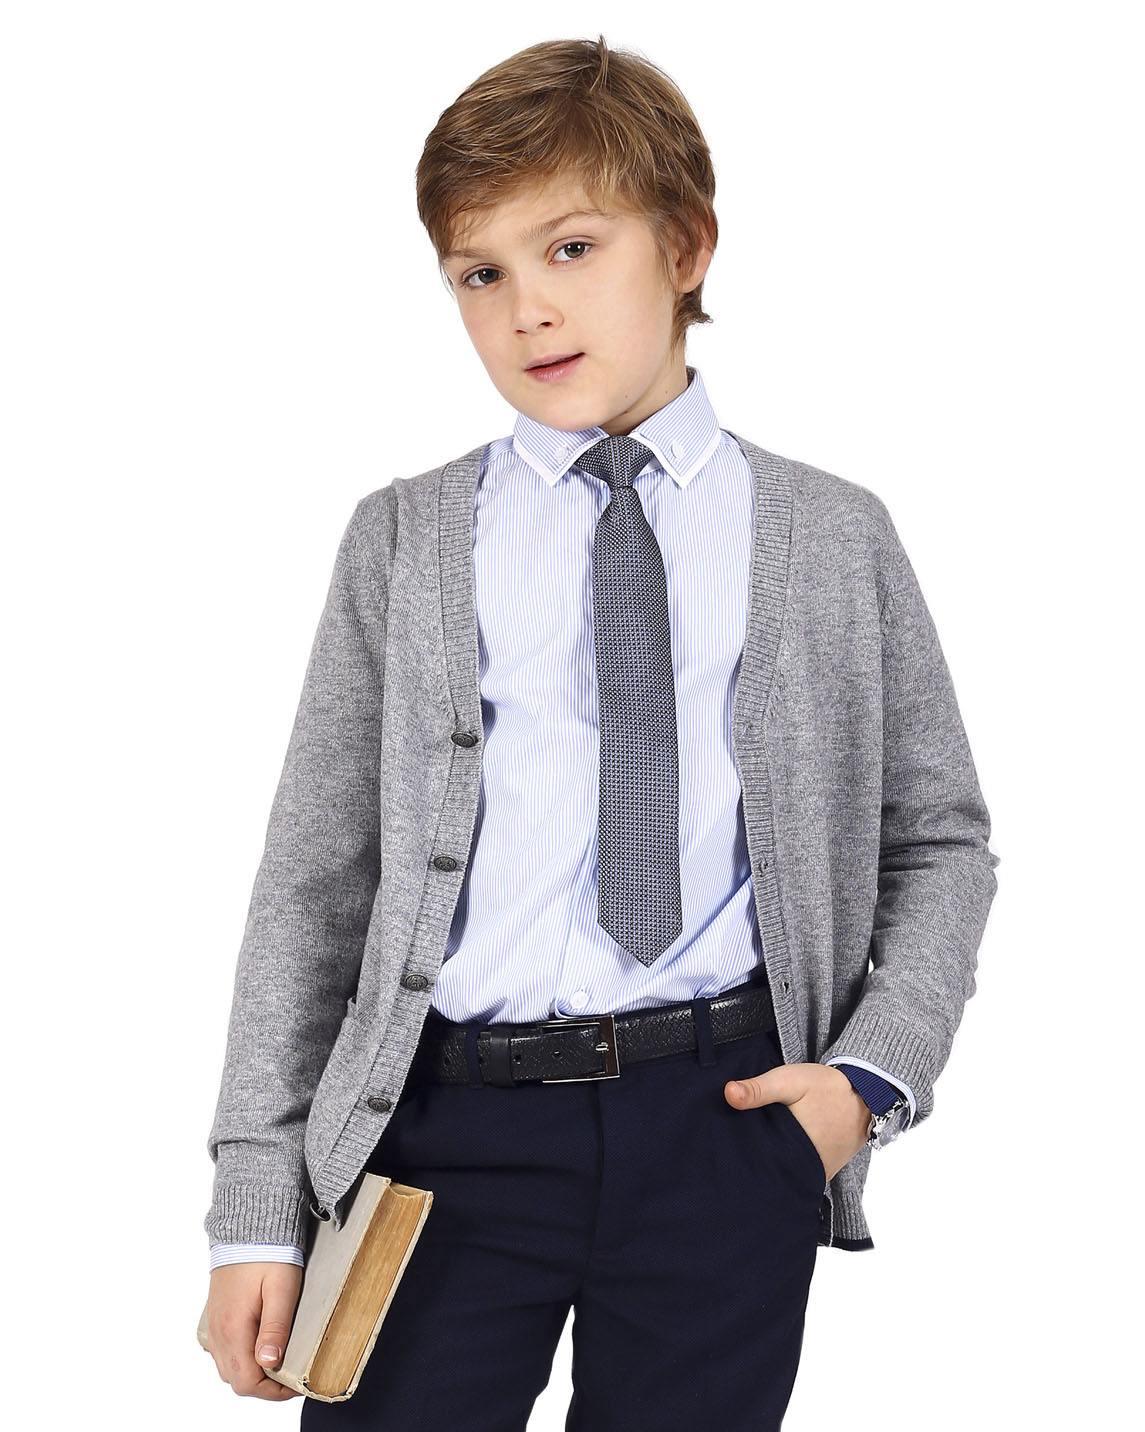 Серая школьная форма: благородные оттенки ученического дресс-кода рекомендации